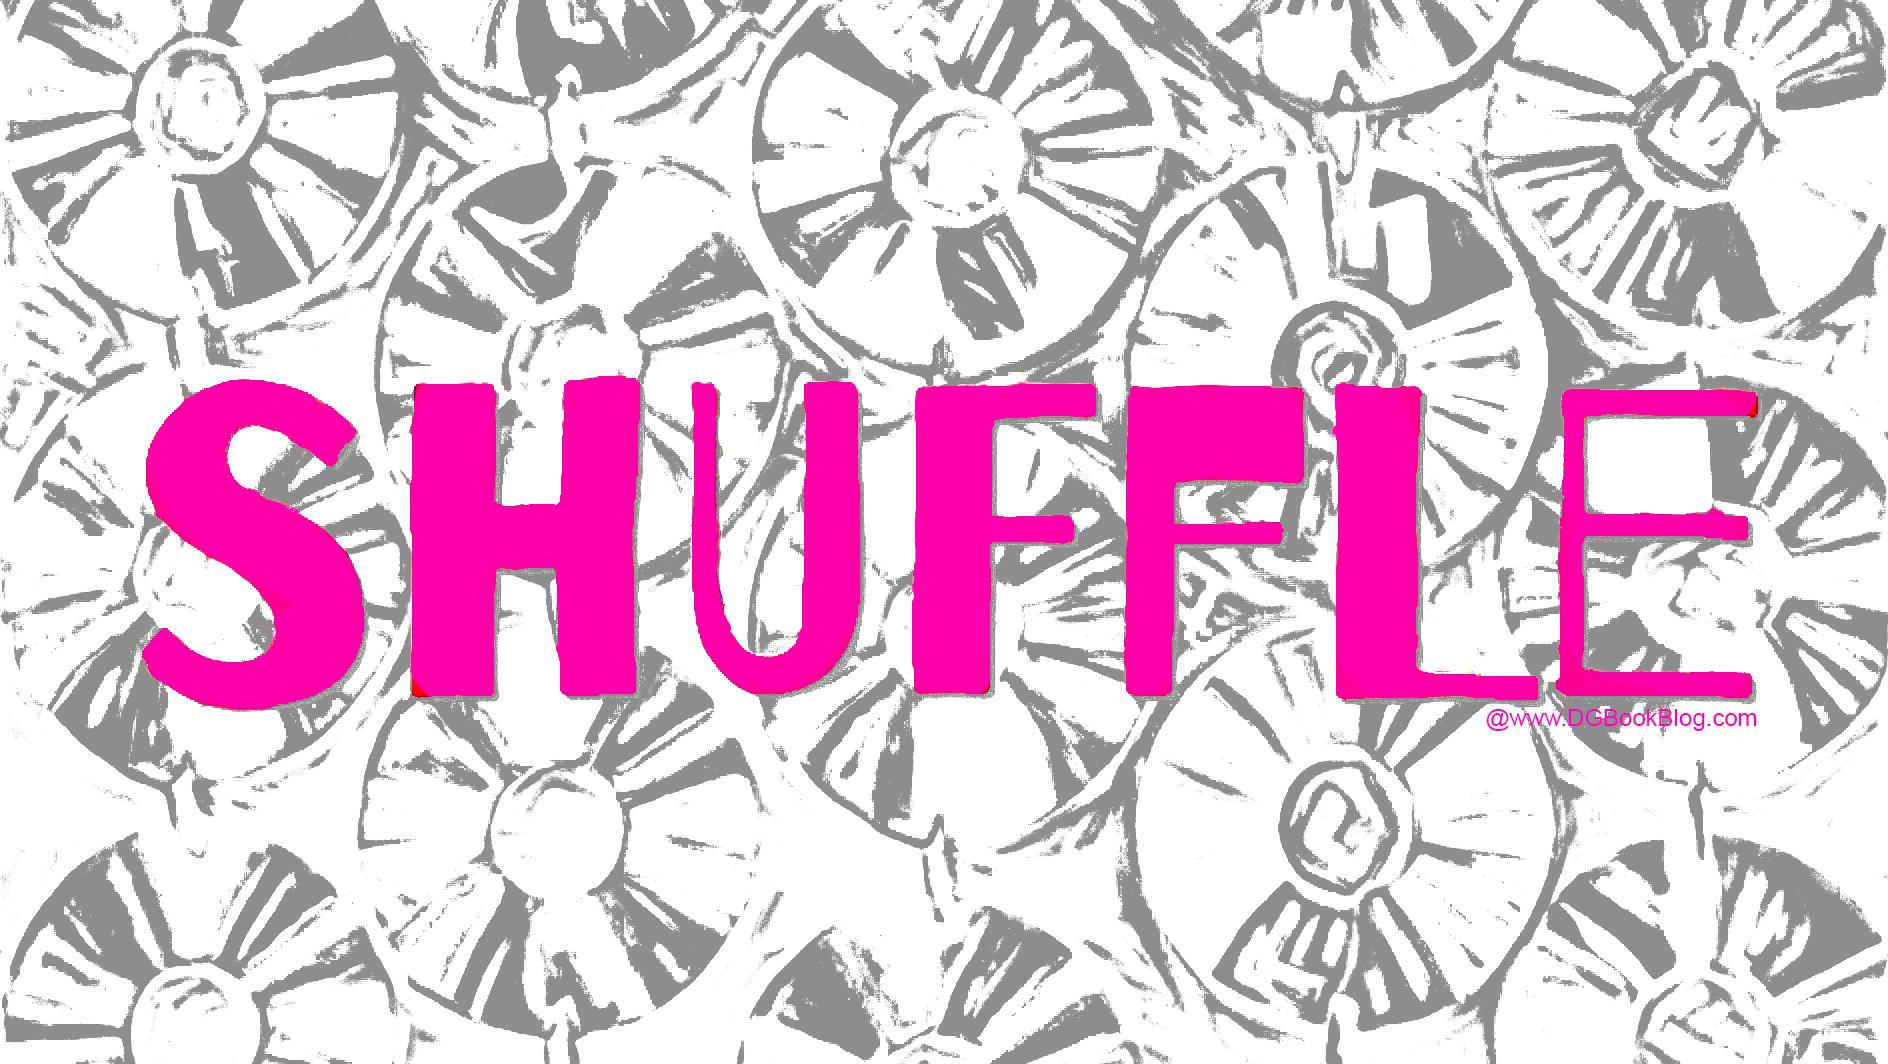 v5.www.dgbookblog.com.shuffle.logo